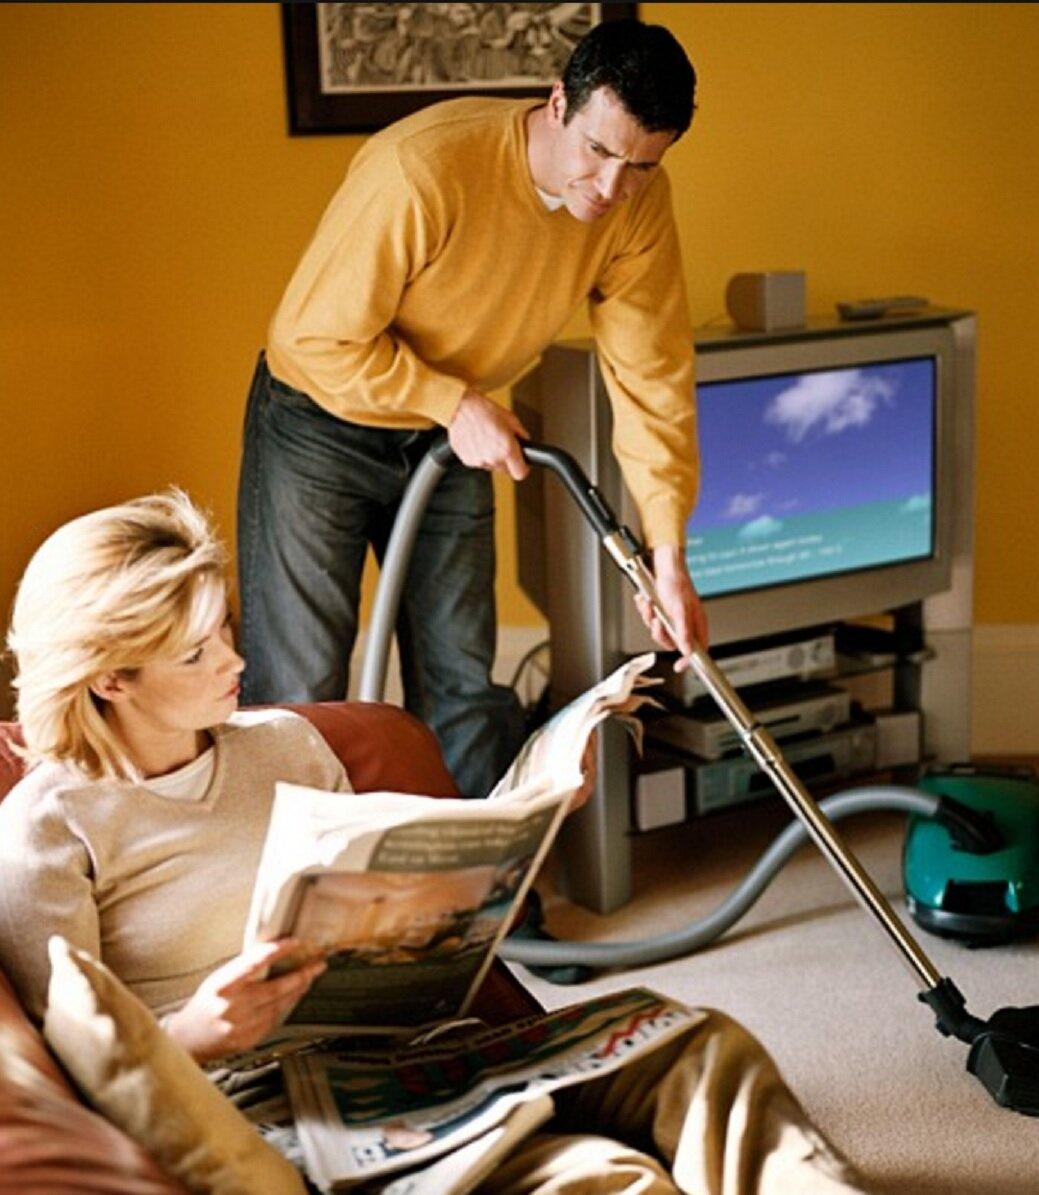 Прикольные картинки муж дома муж на работе